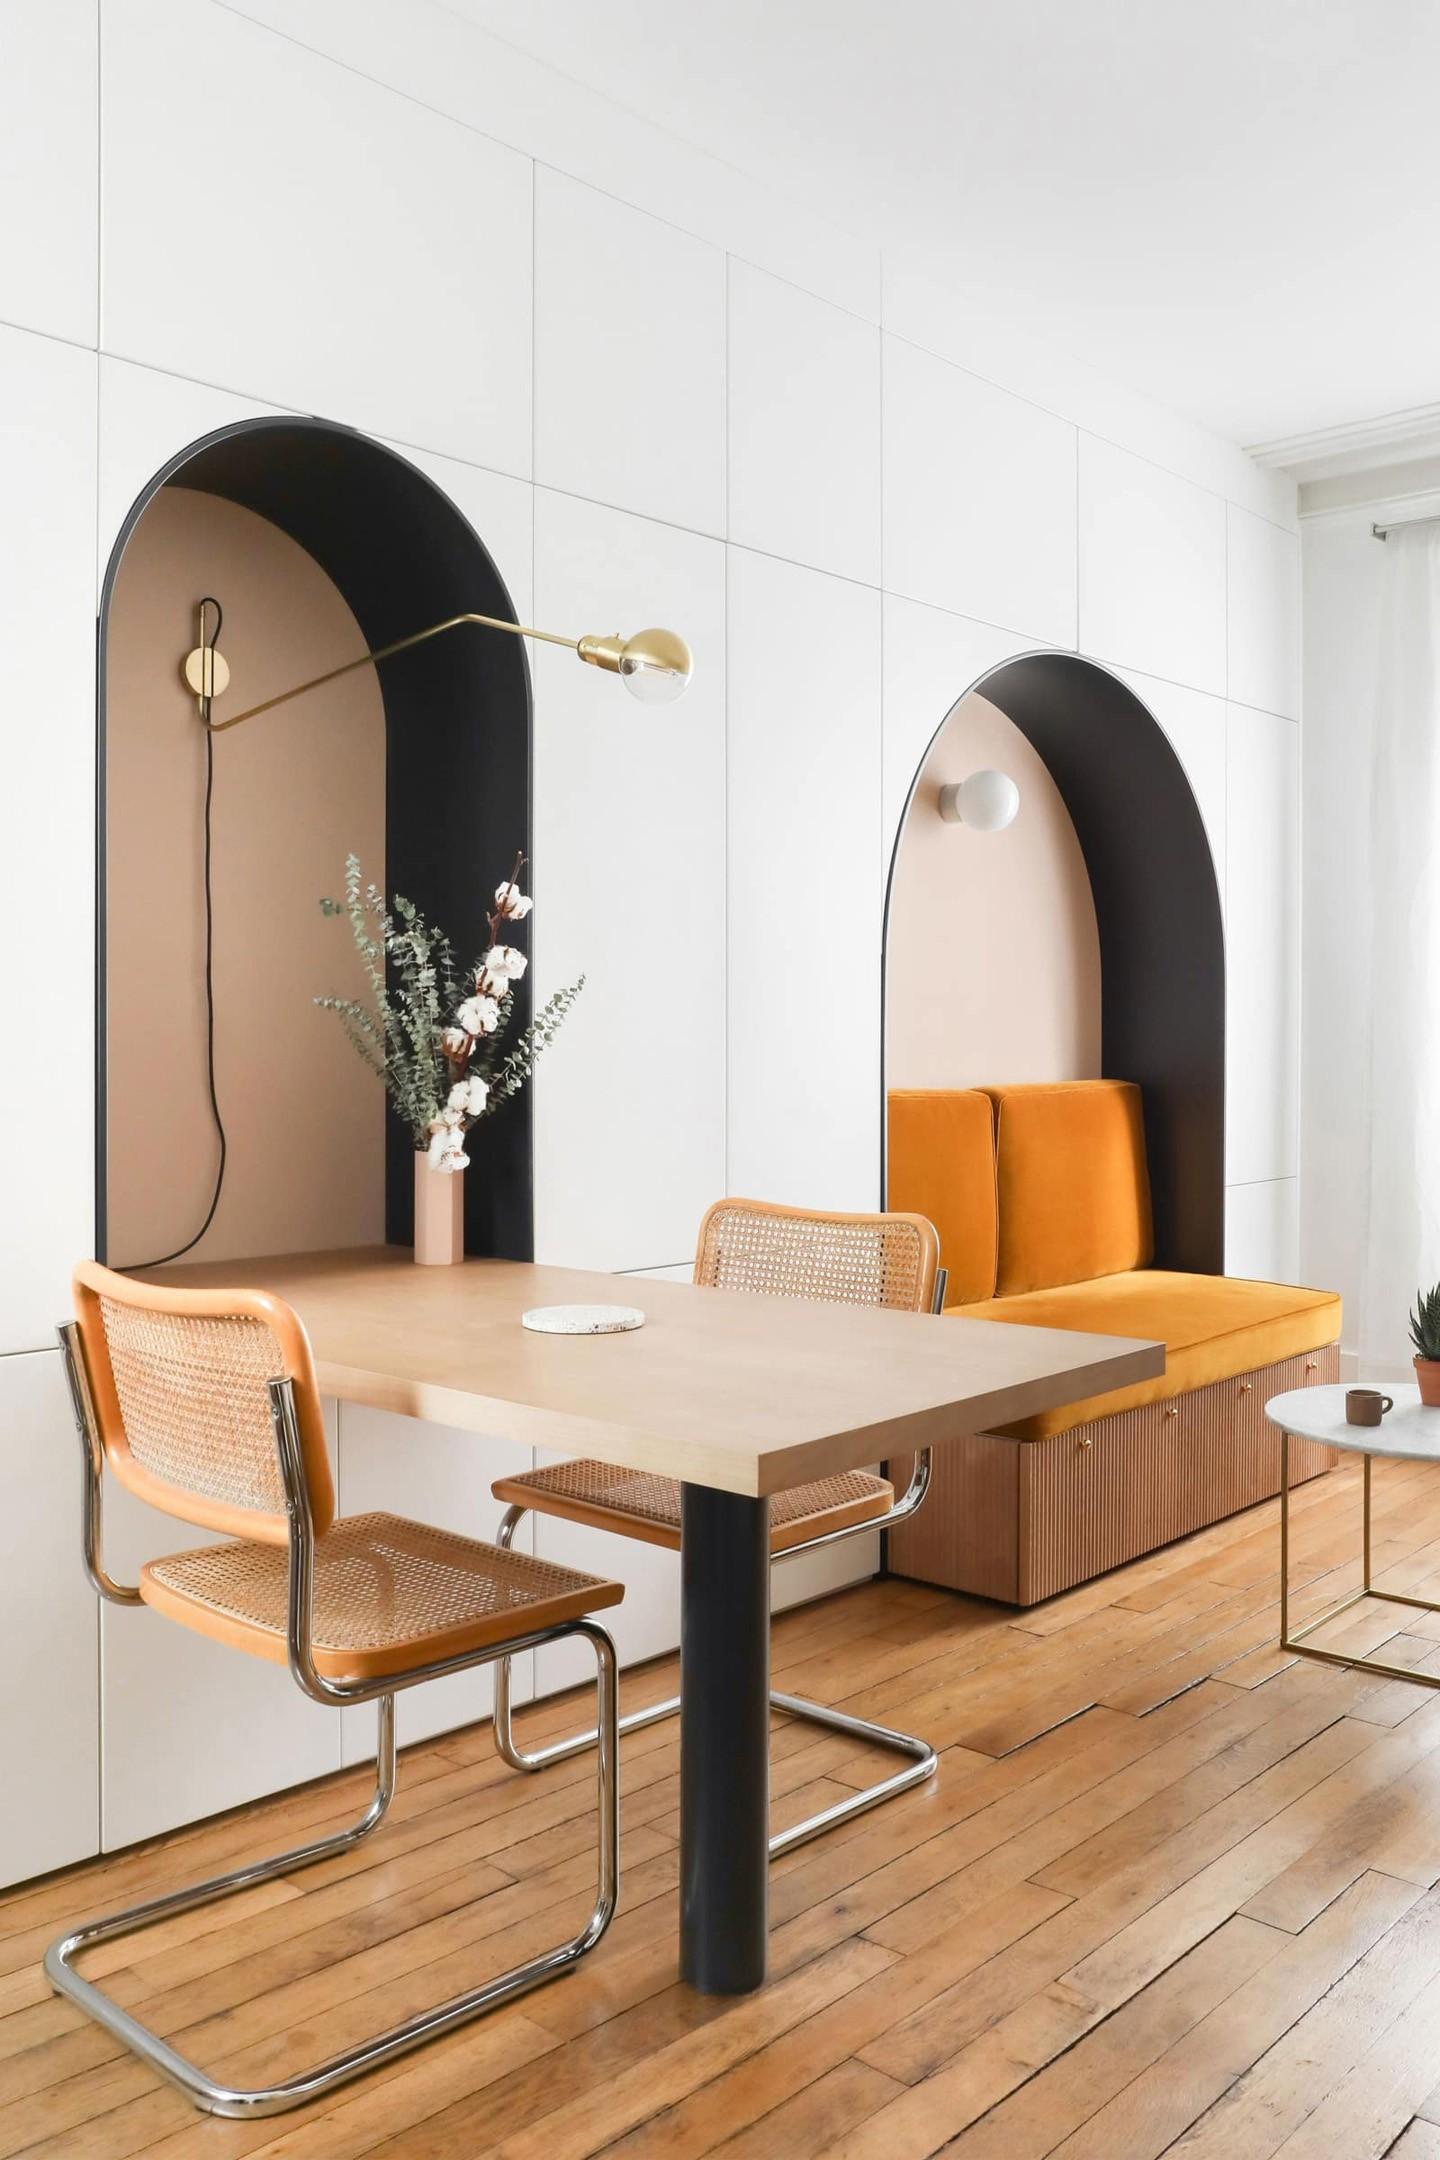 Décor do dia: nichos otimizam sala de jantar de apartamento pequeno (Foto: Divulgação)